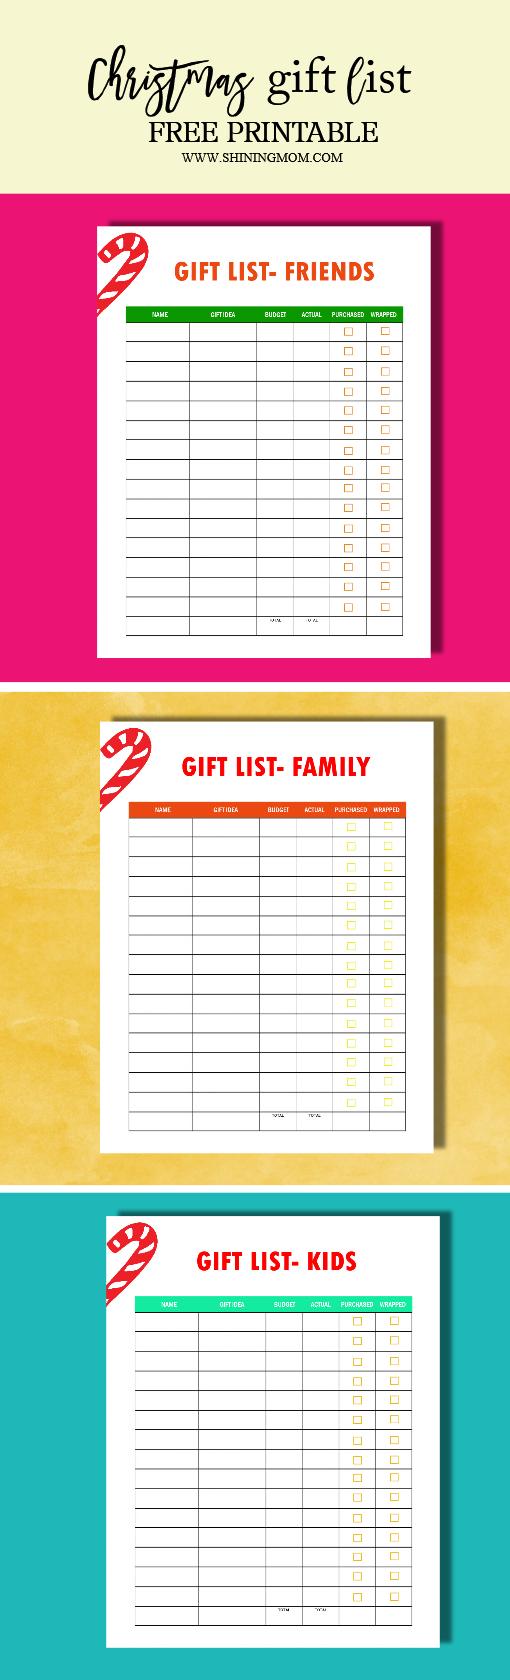 free-printable-christmas-gift-list-template